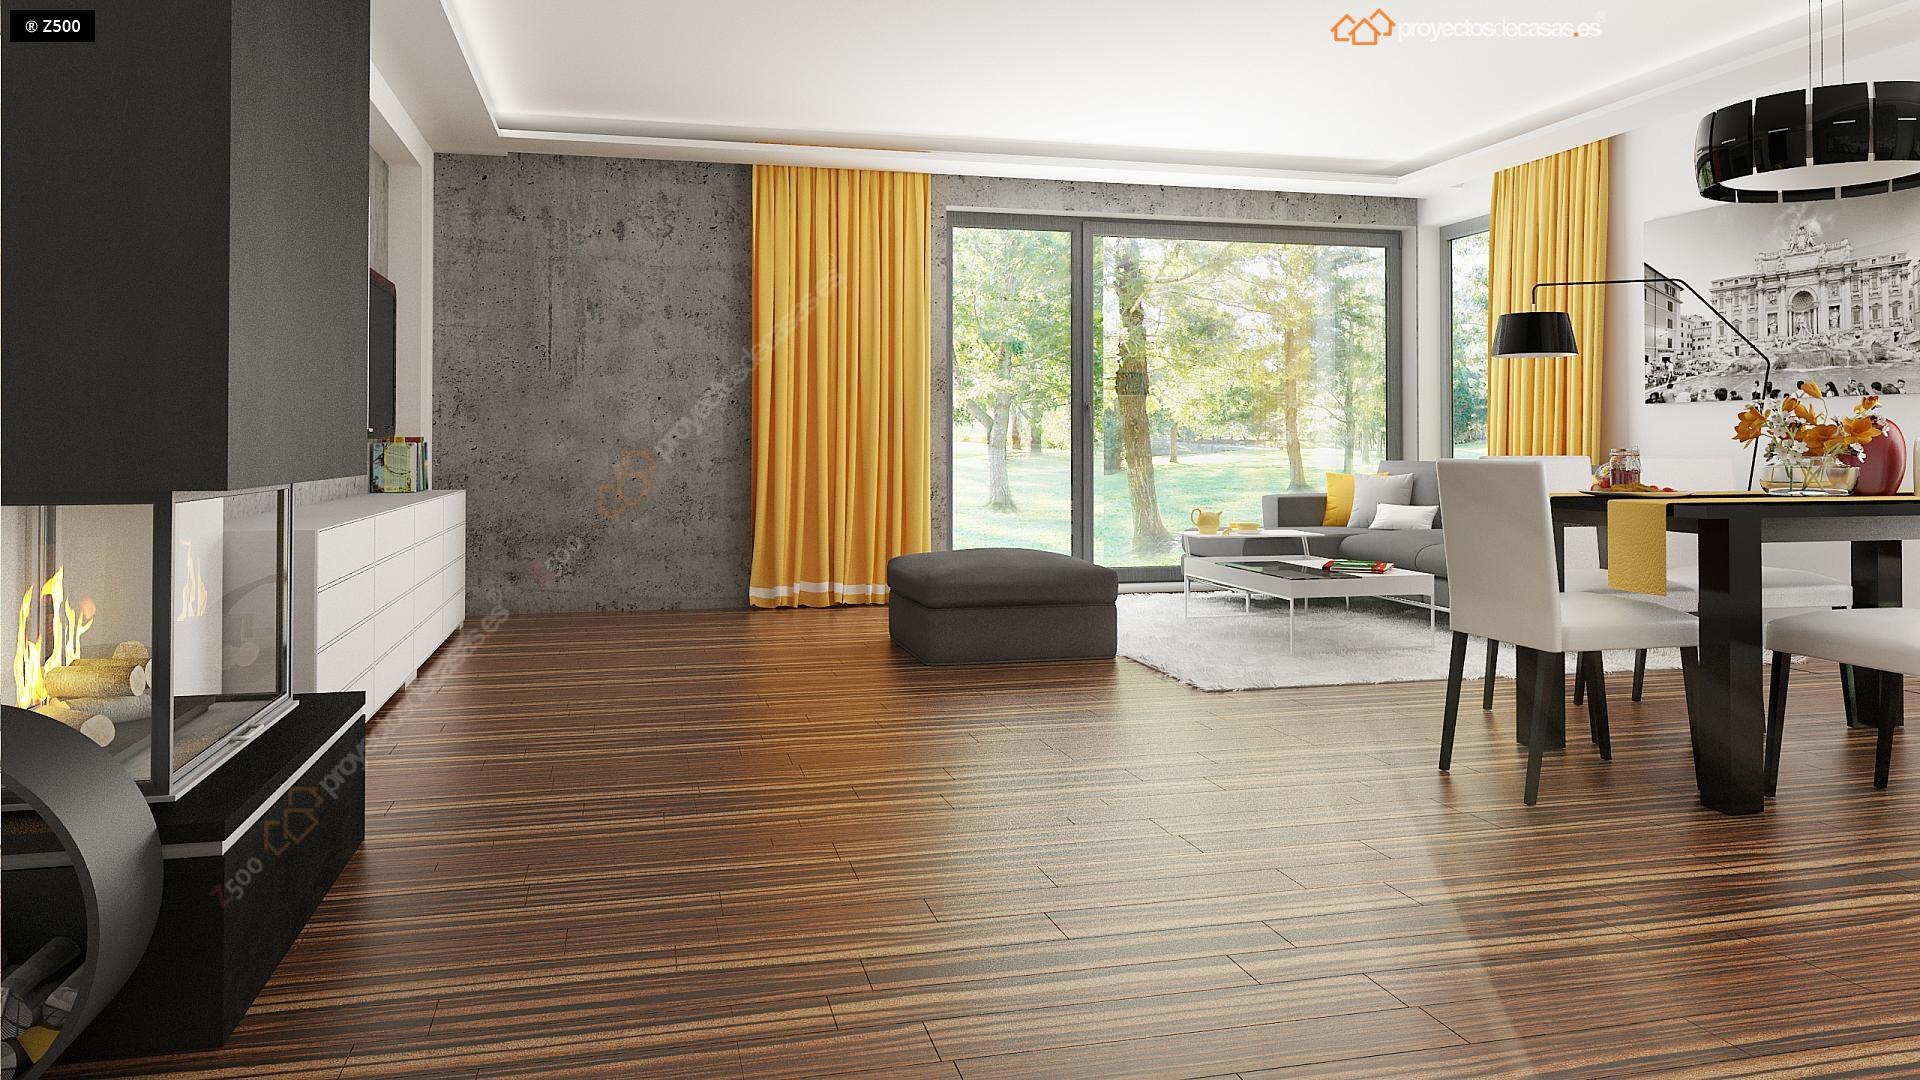 Proyectos de casas casa moderna de 1 planta con piscina for Casa moderna 5 dormitorios